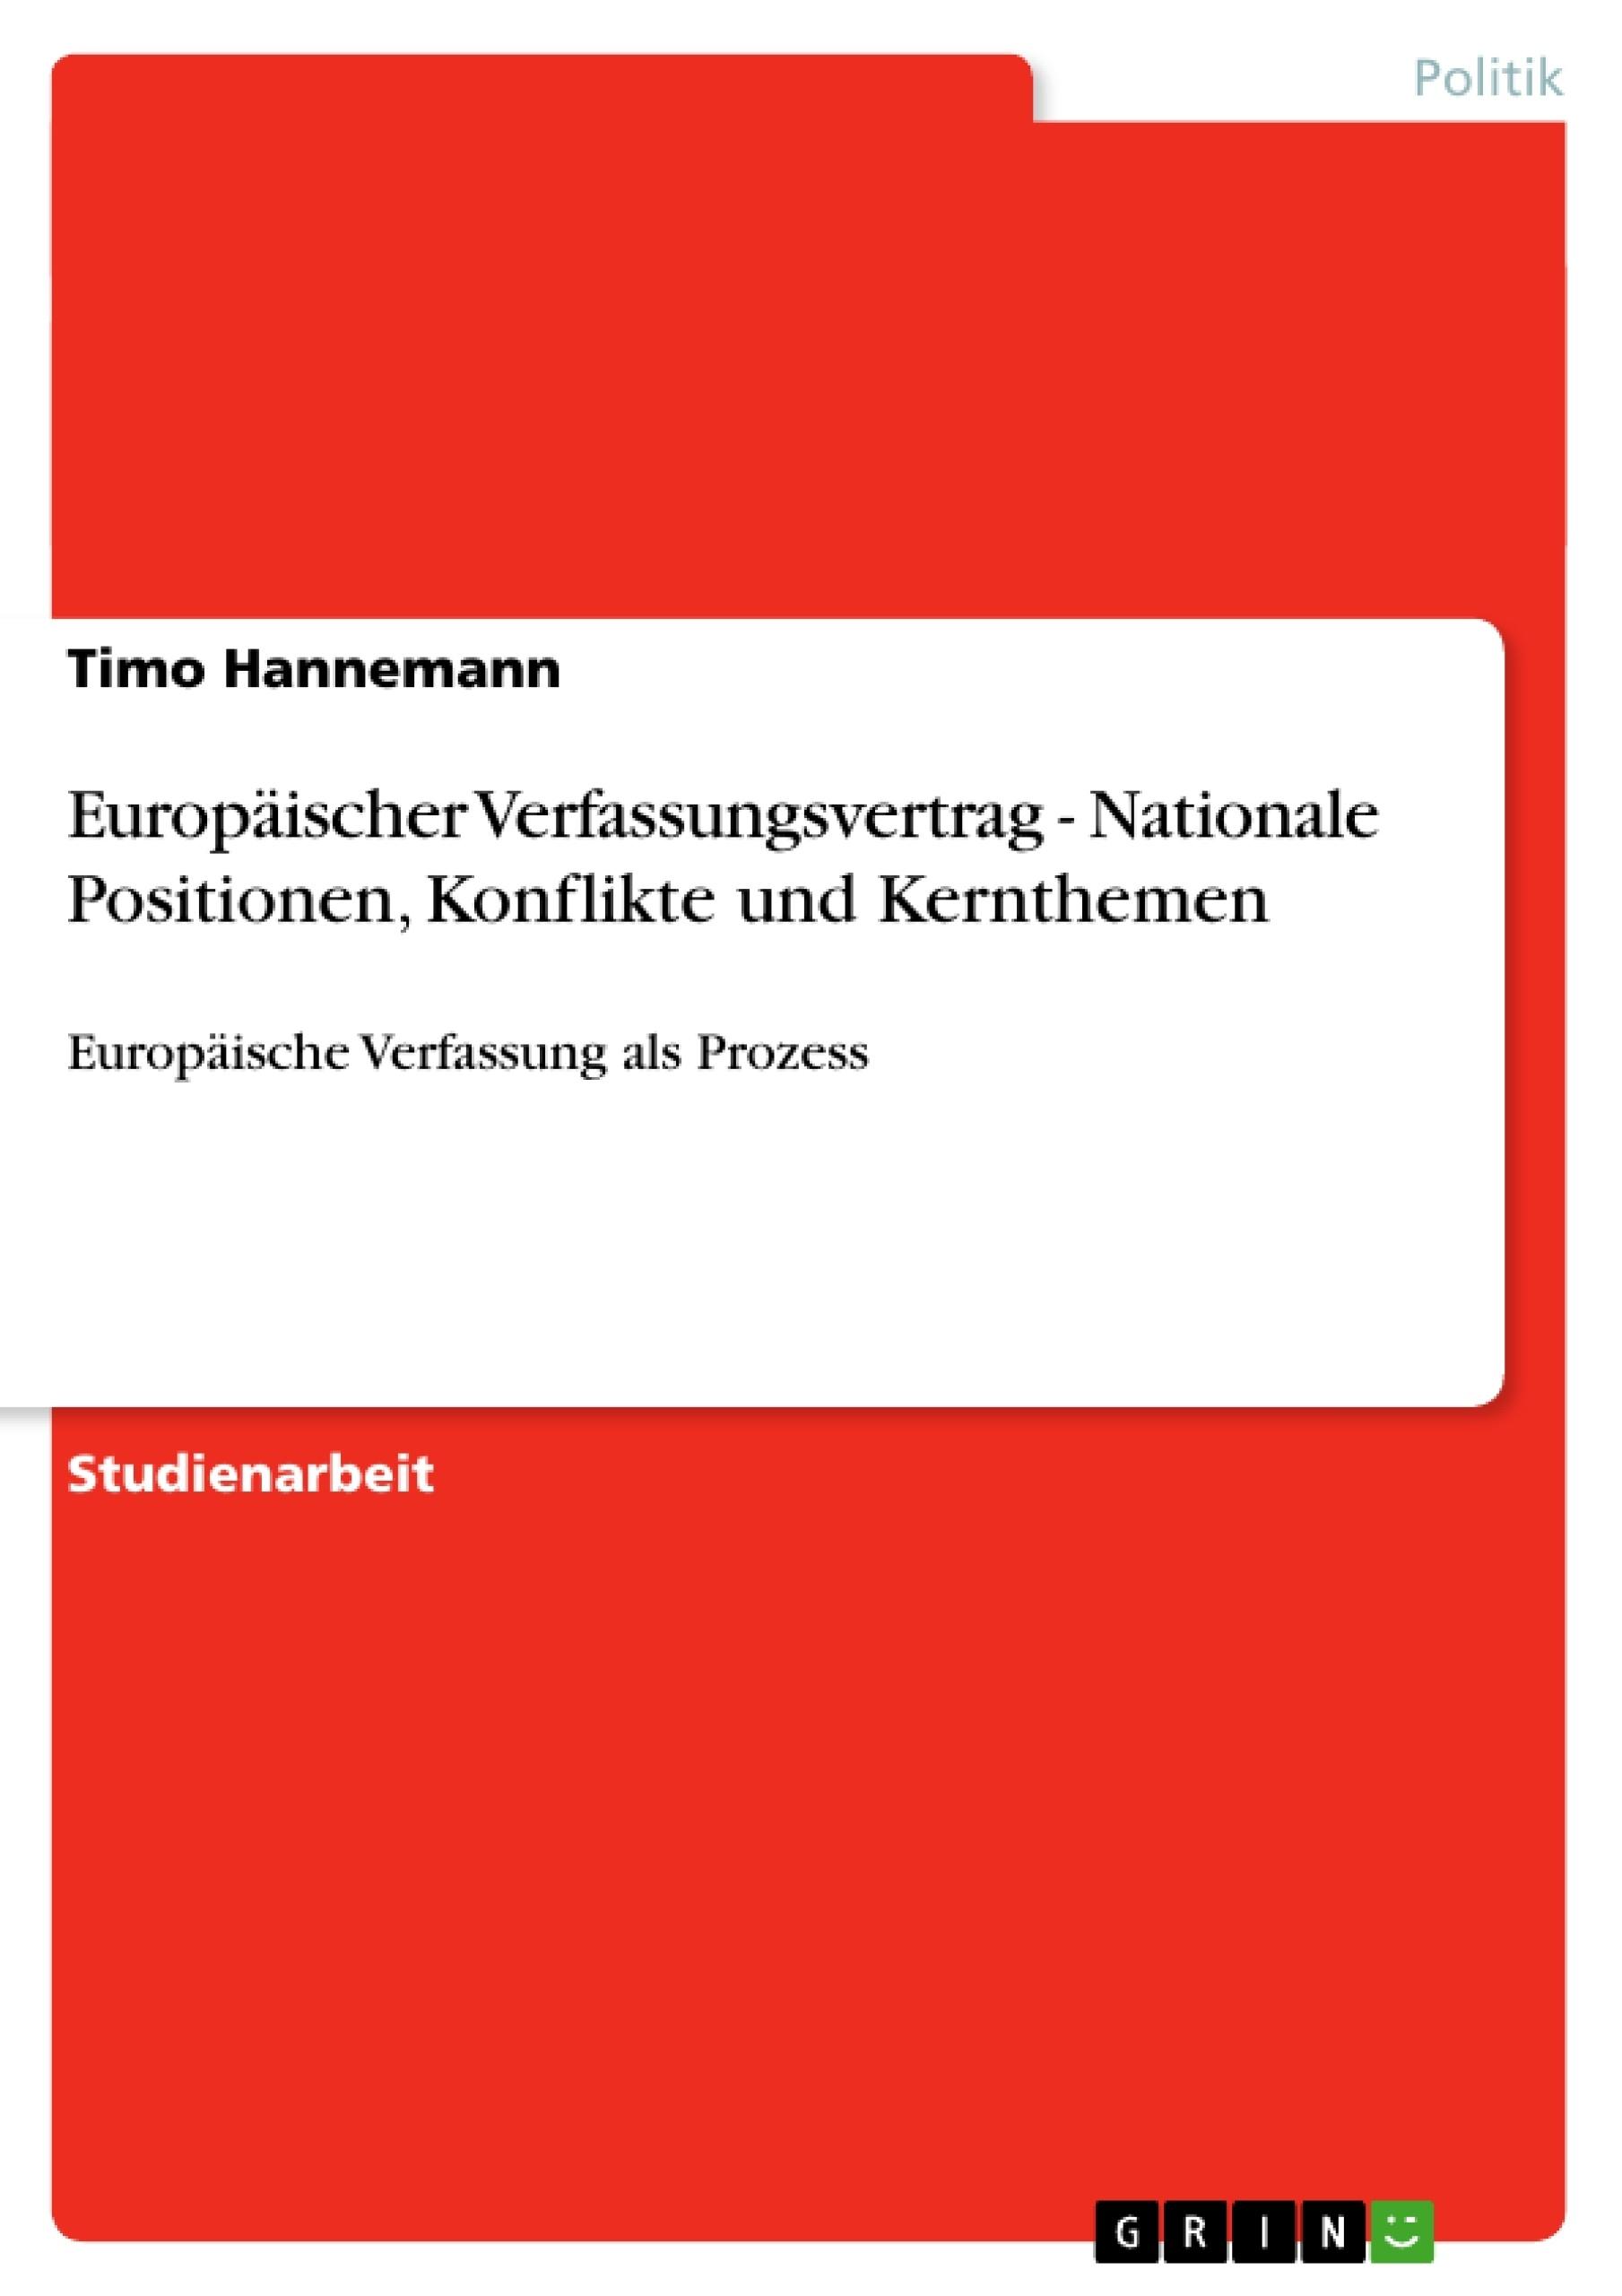 Titel: Europäischer Verfassungsvertrag - Nationale Positionen, Konflikte und Kernthemen